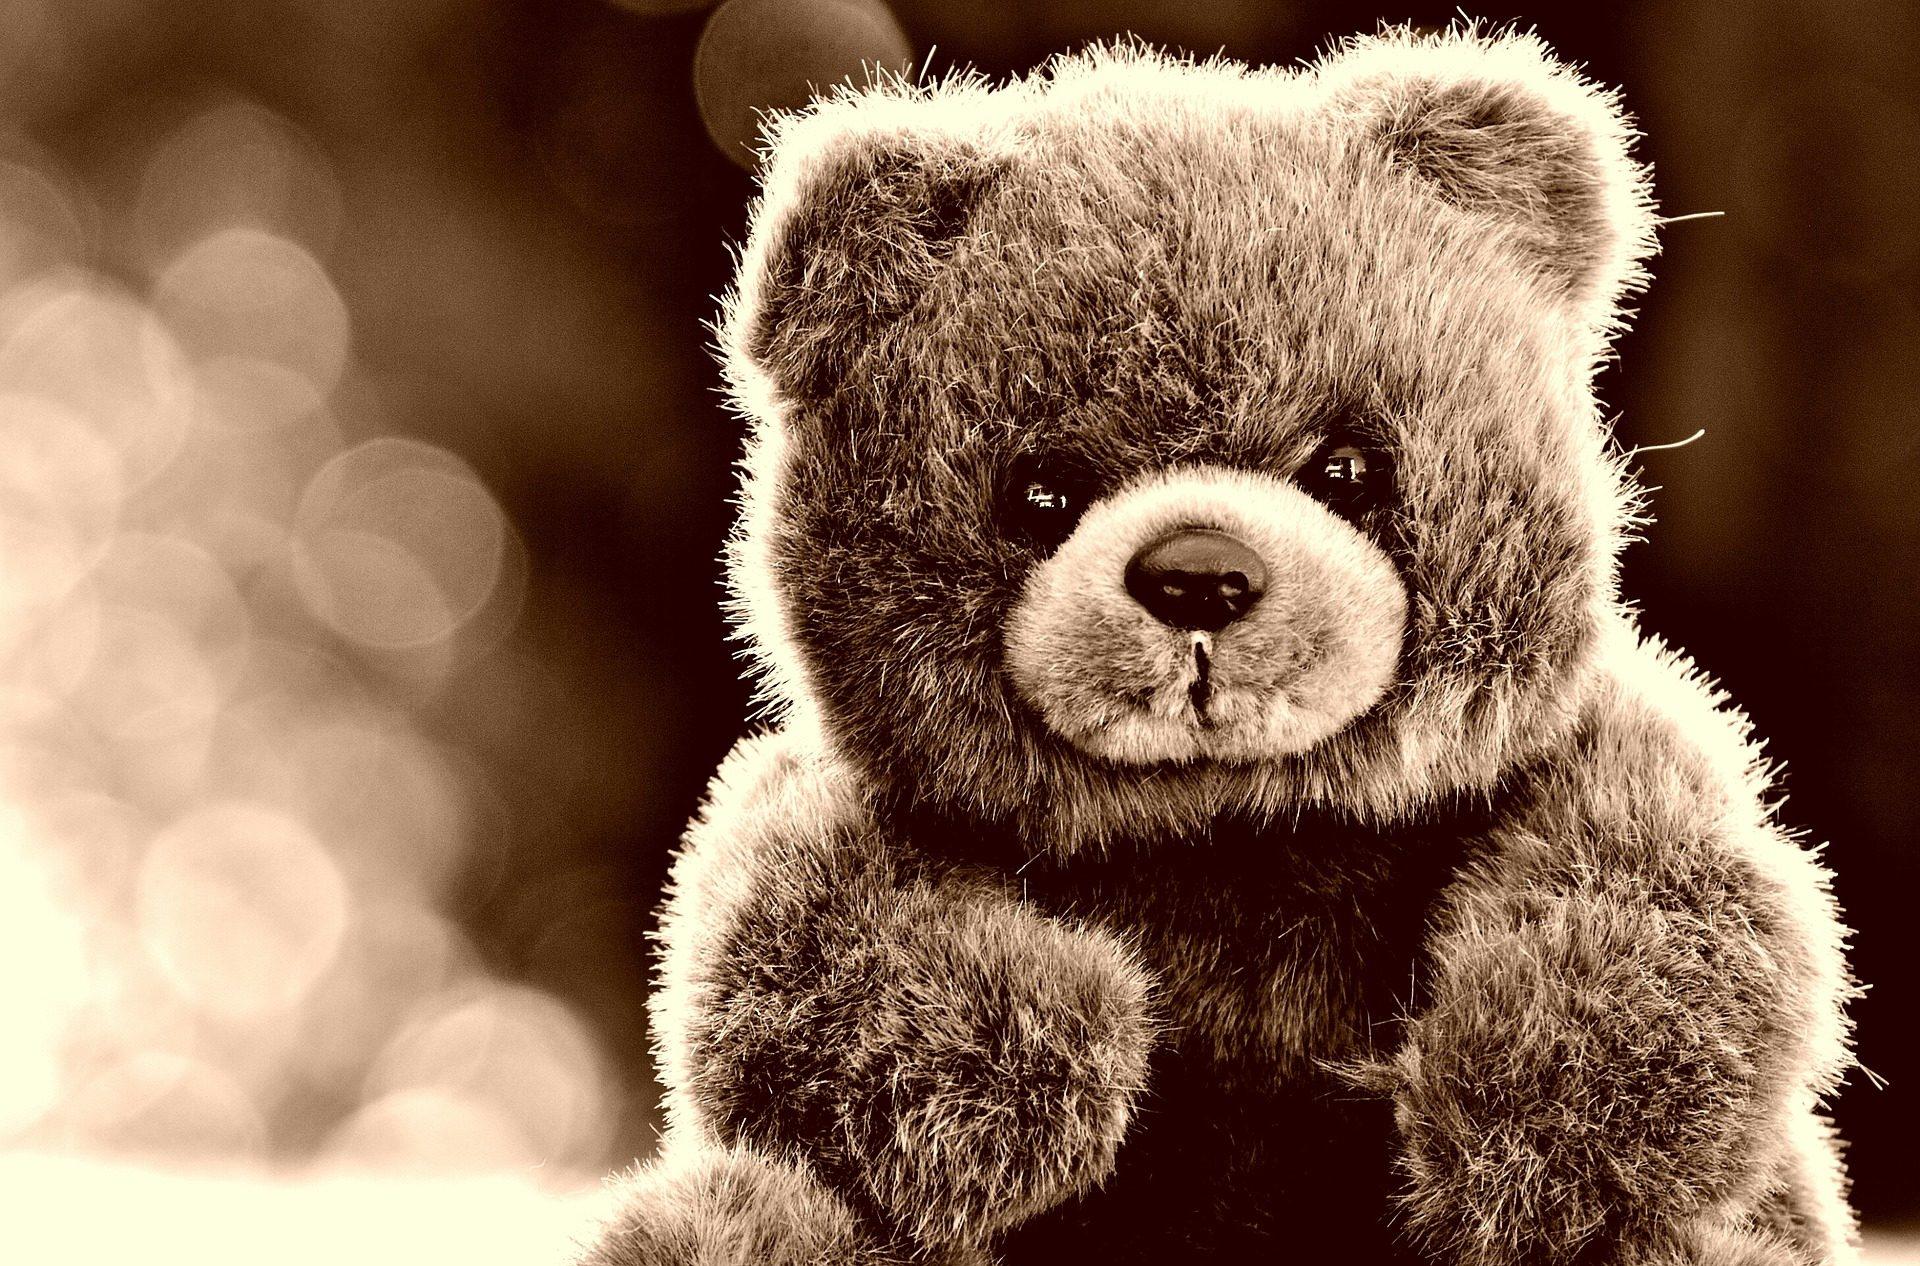 الدب, تيدي, لعبة, الشعر, بني داكن - خلفيات عالية الدقة - أستاذ falken.com